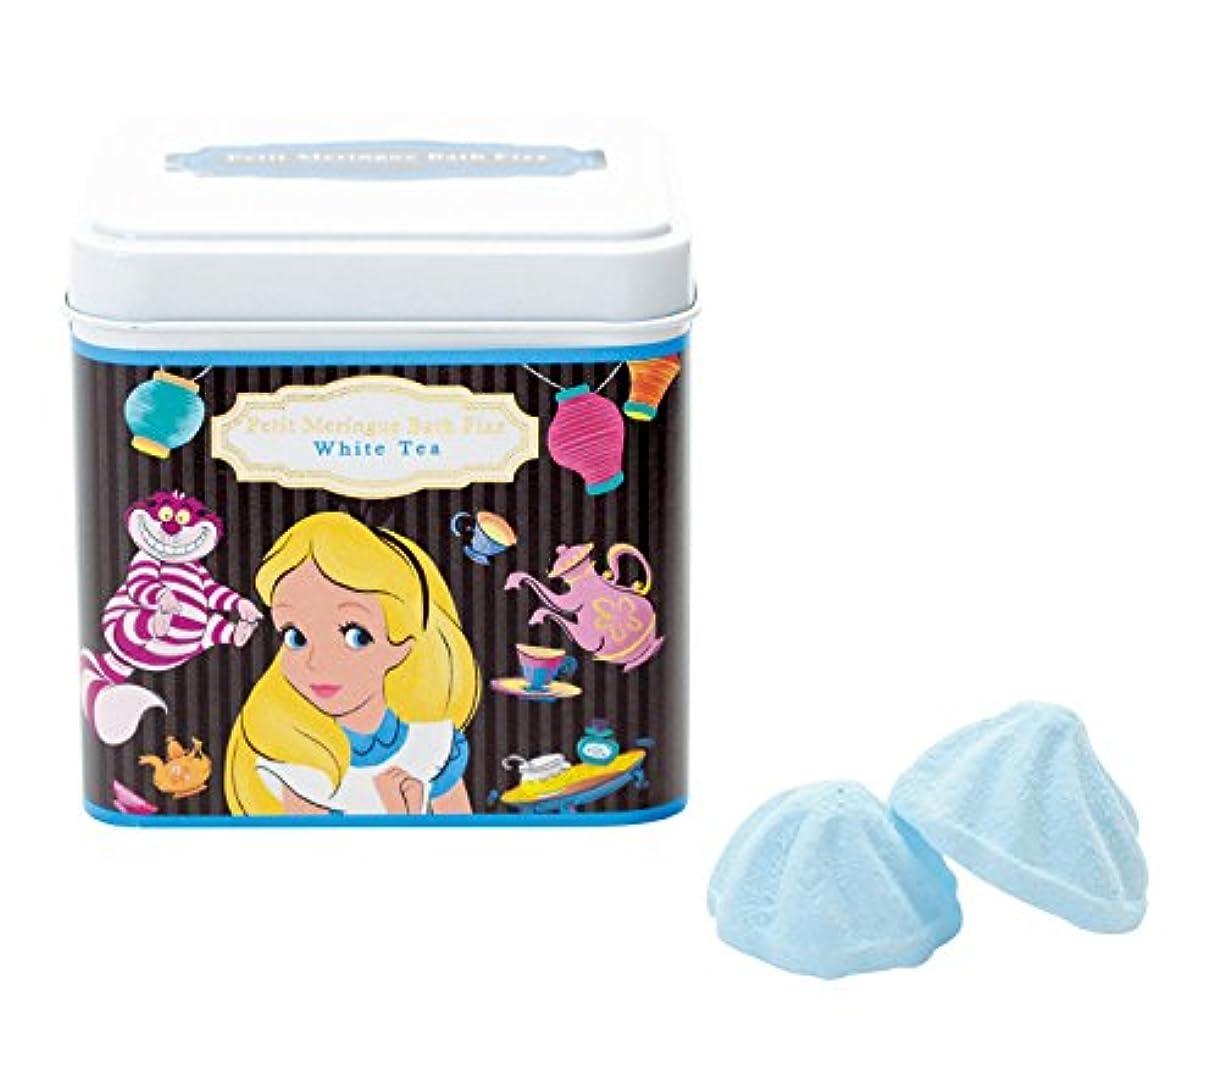 ペパーミントソーダ水行くディズニー 入浴剤 バスフィズ ふしぎの国のアリス ホワイトティーの香り 135g DIP-86-02